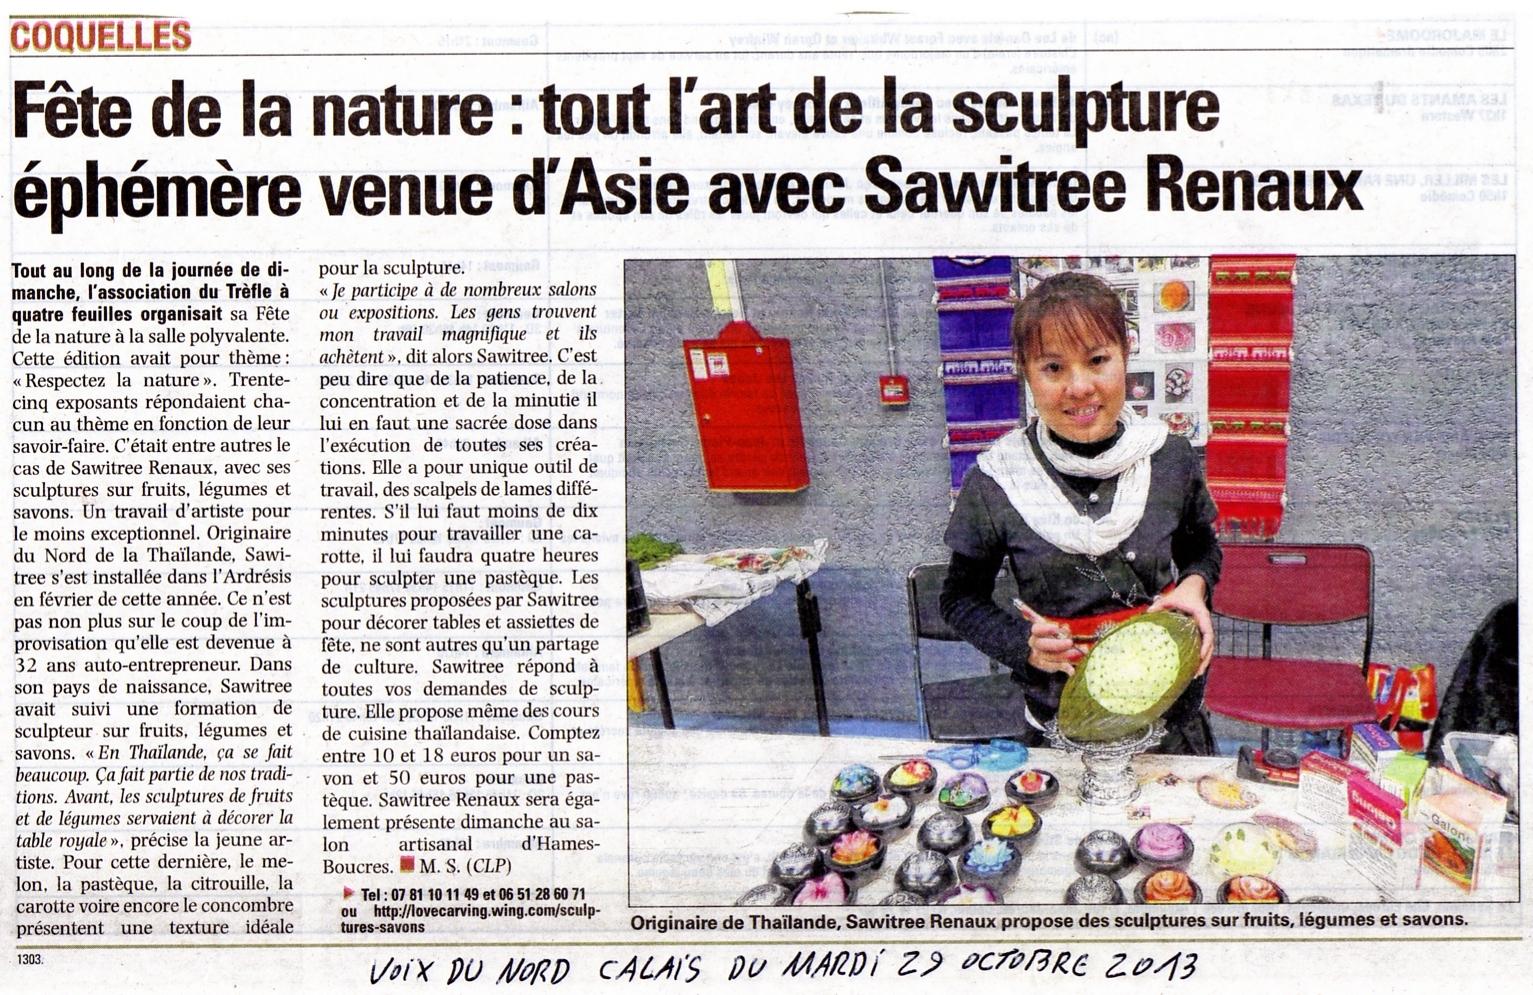 article Voix du nord sur Sawitree Renaux